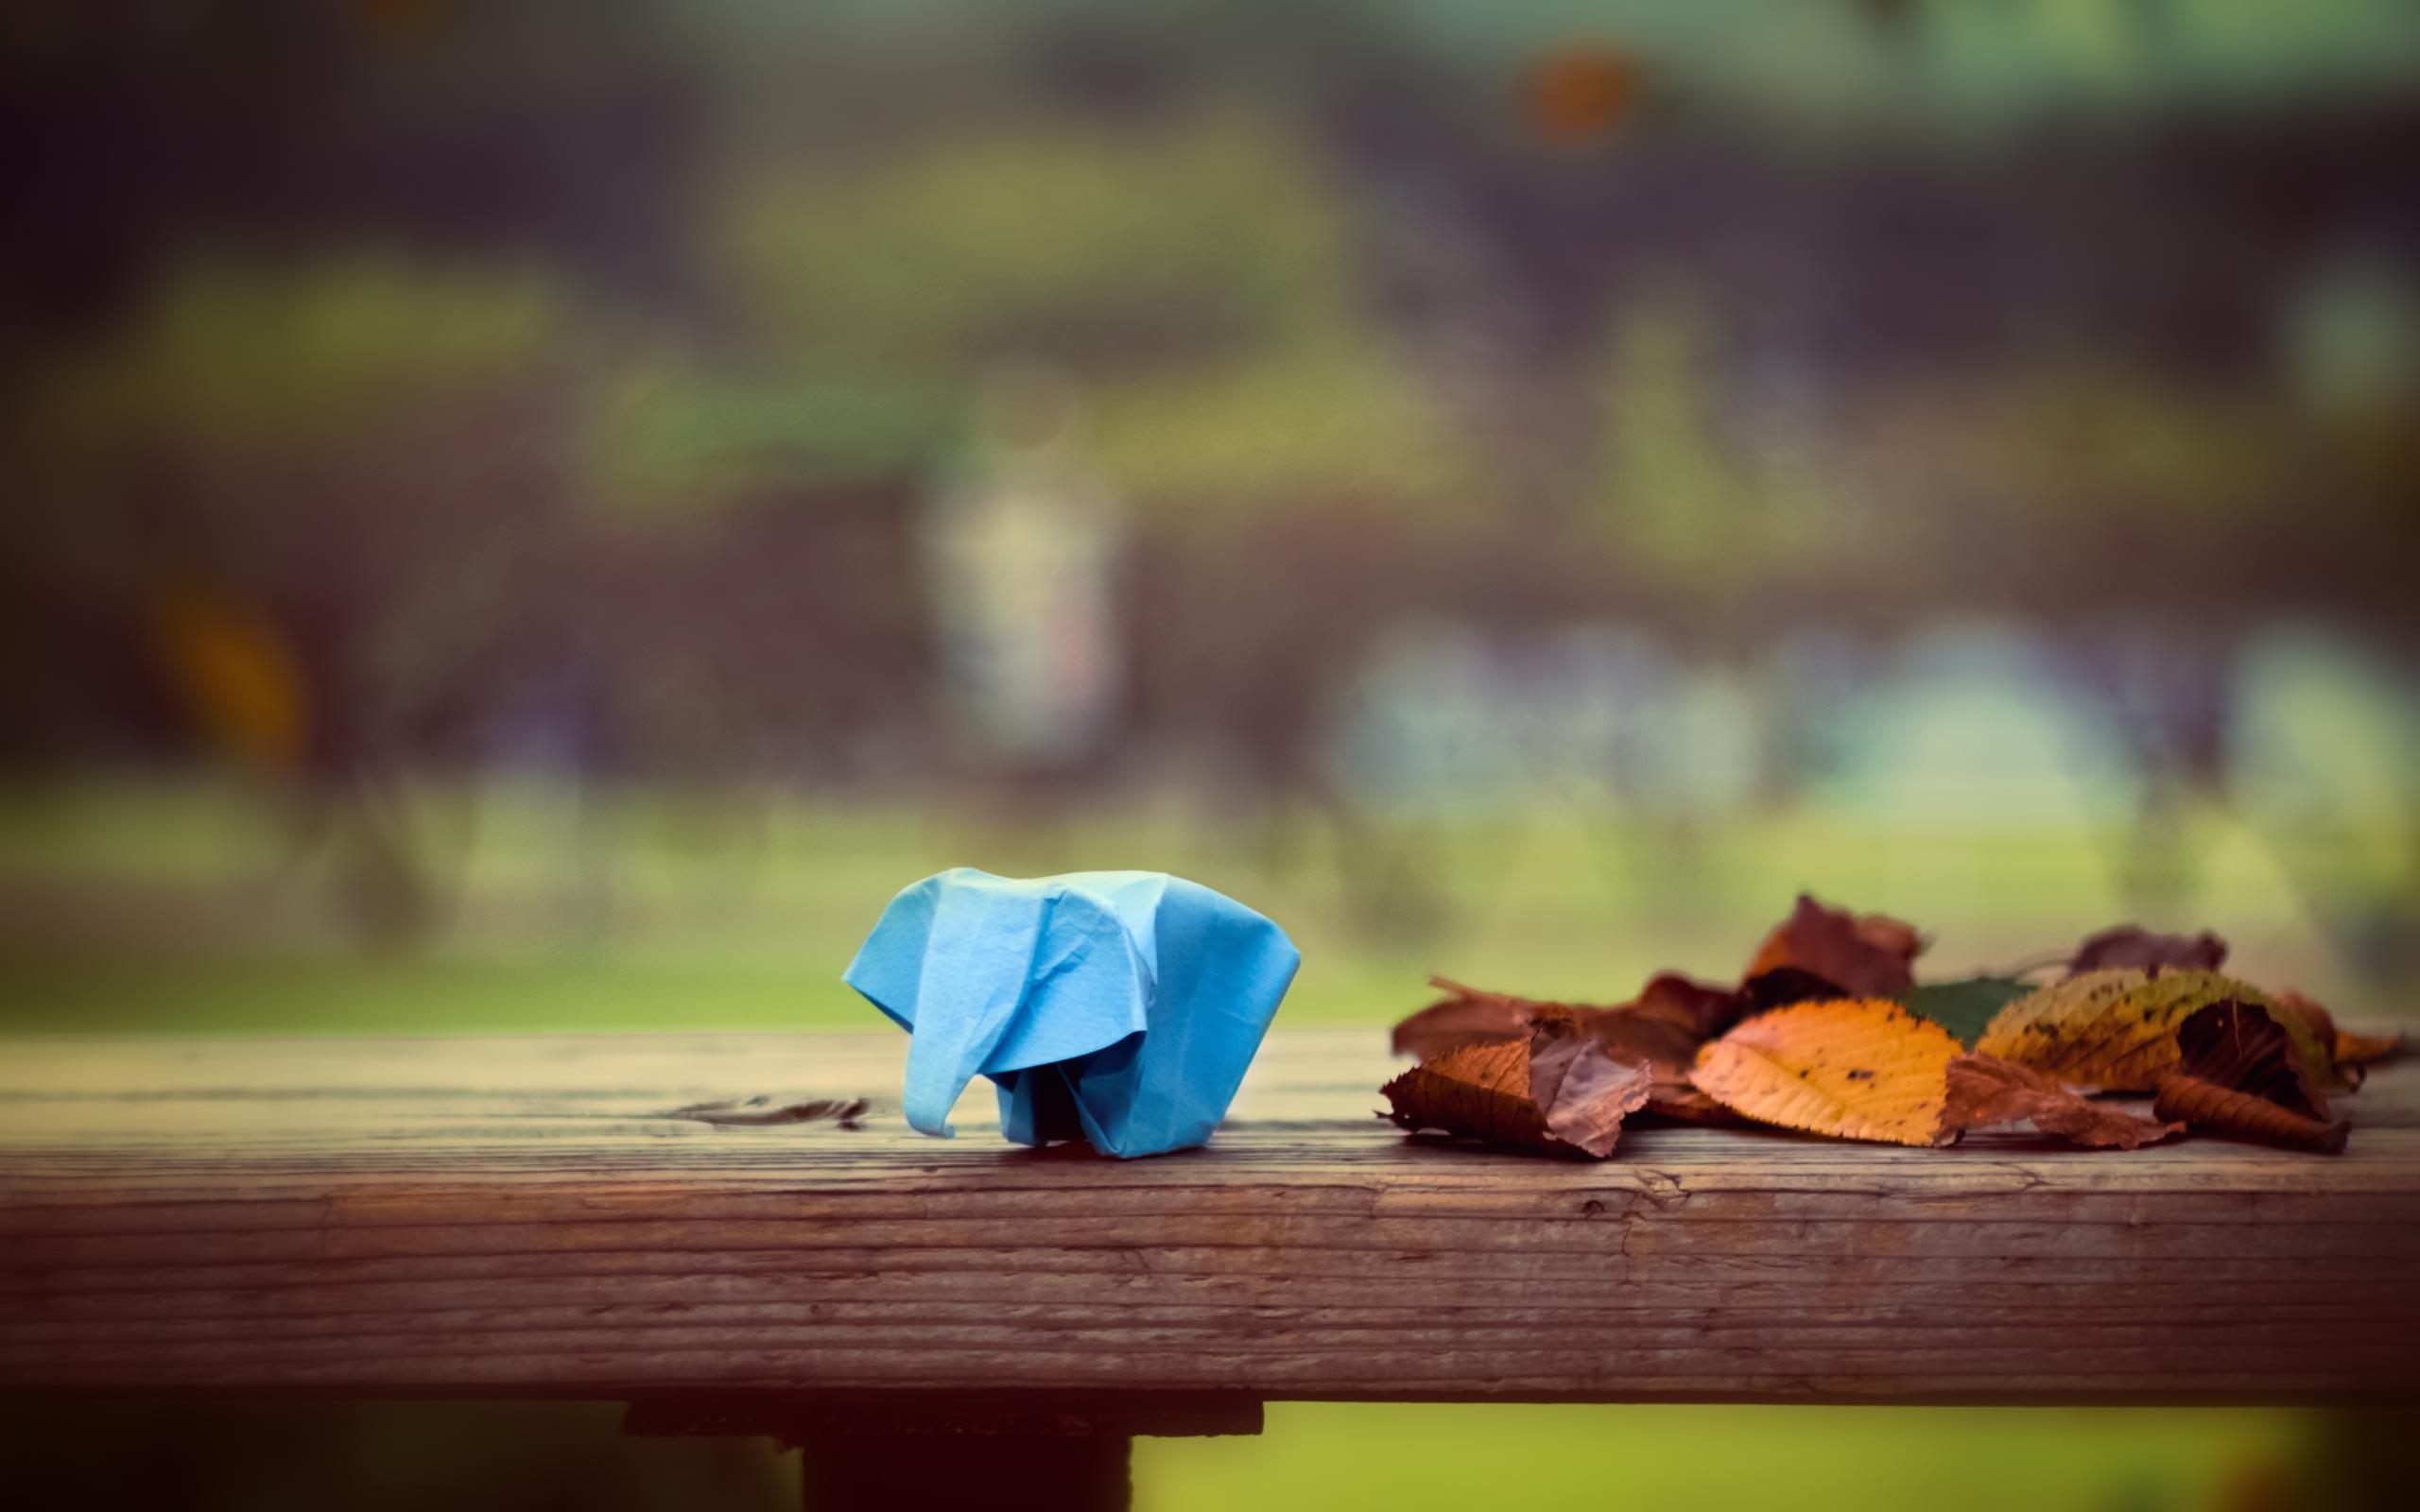 Origami Elephants - Origami Elephants